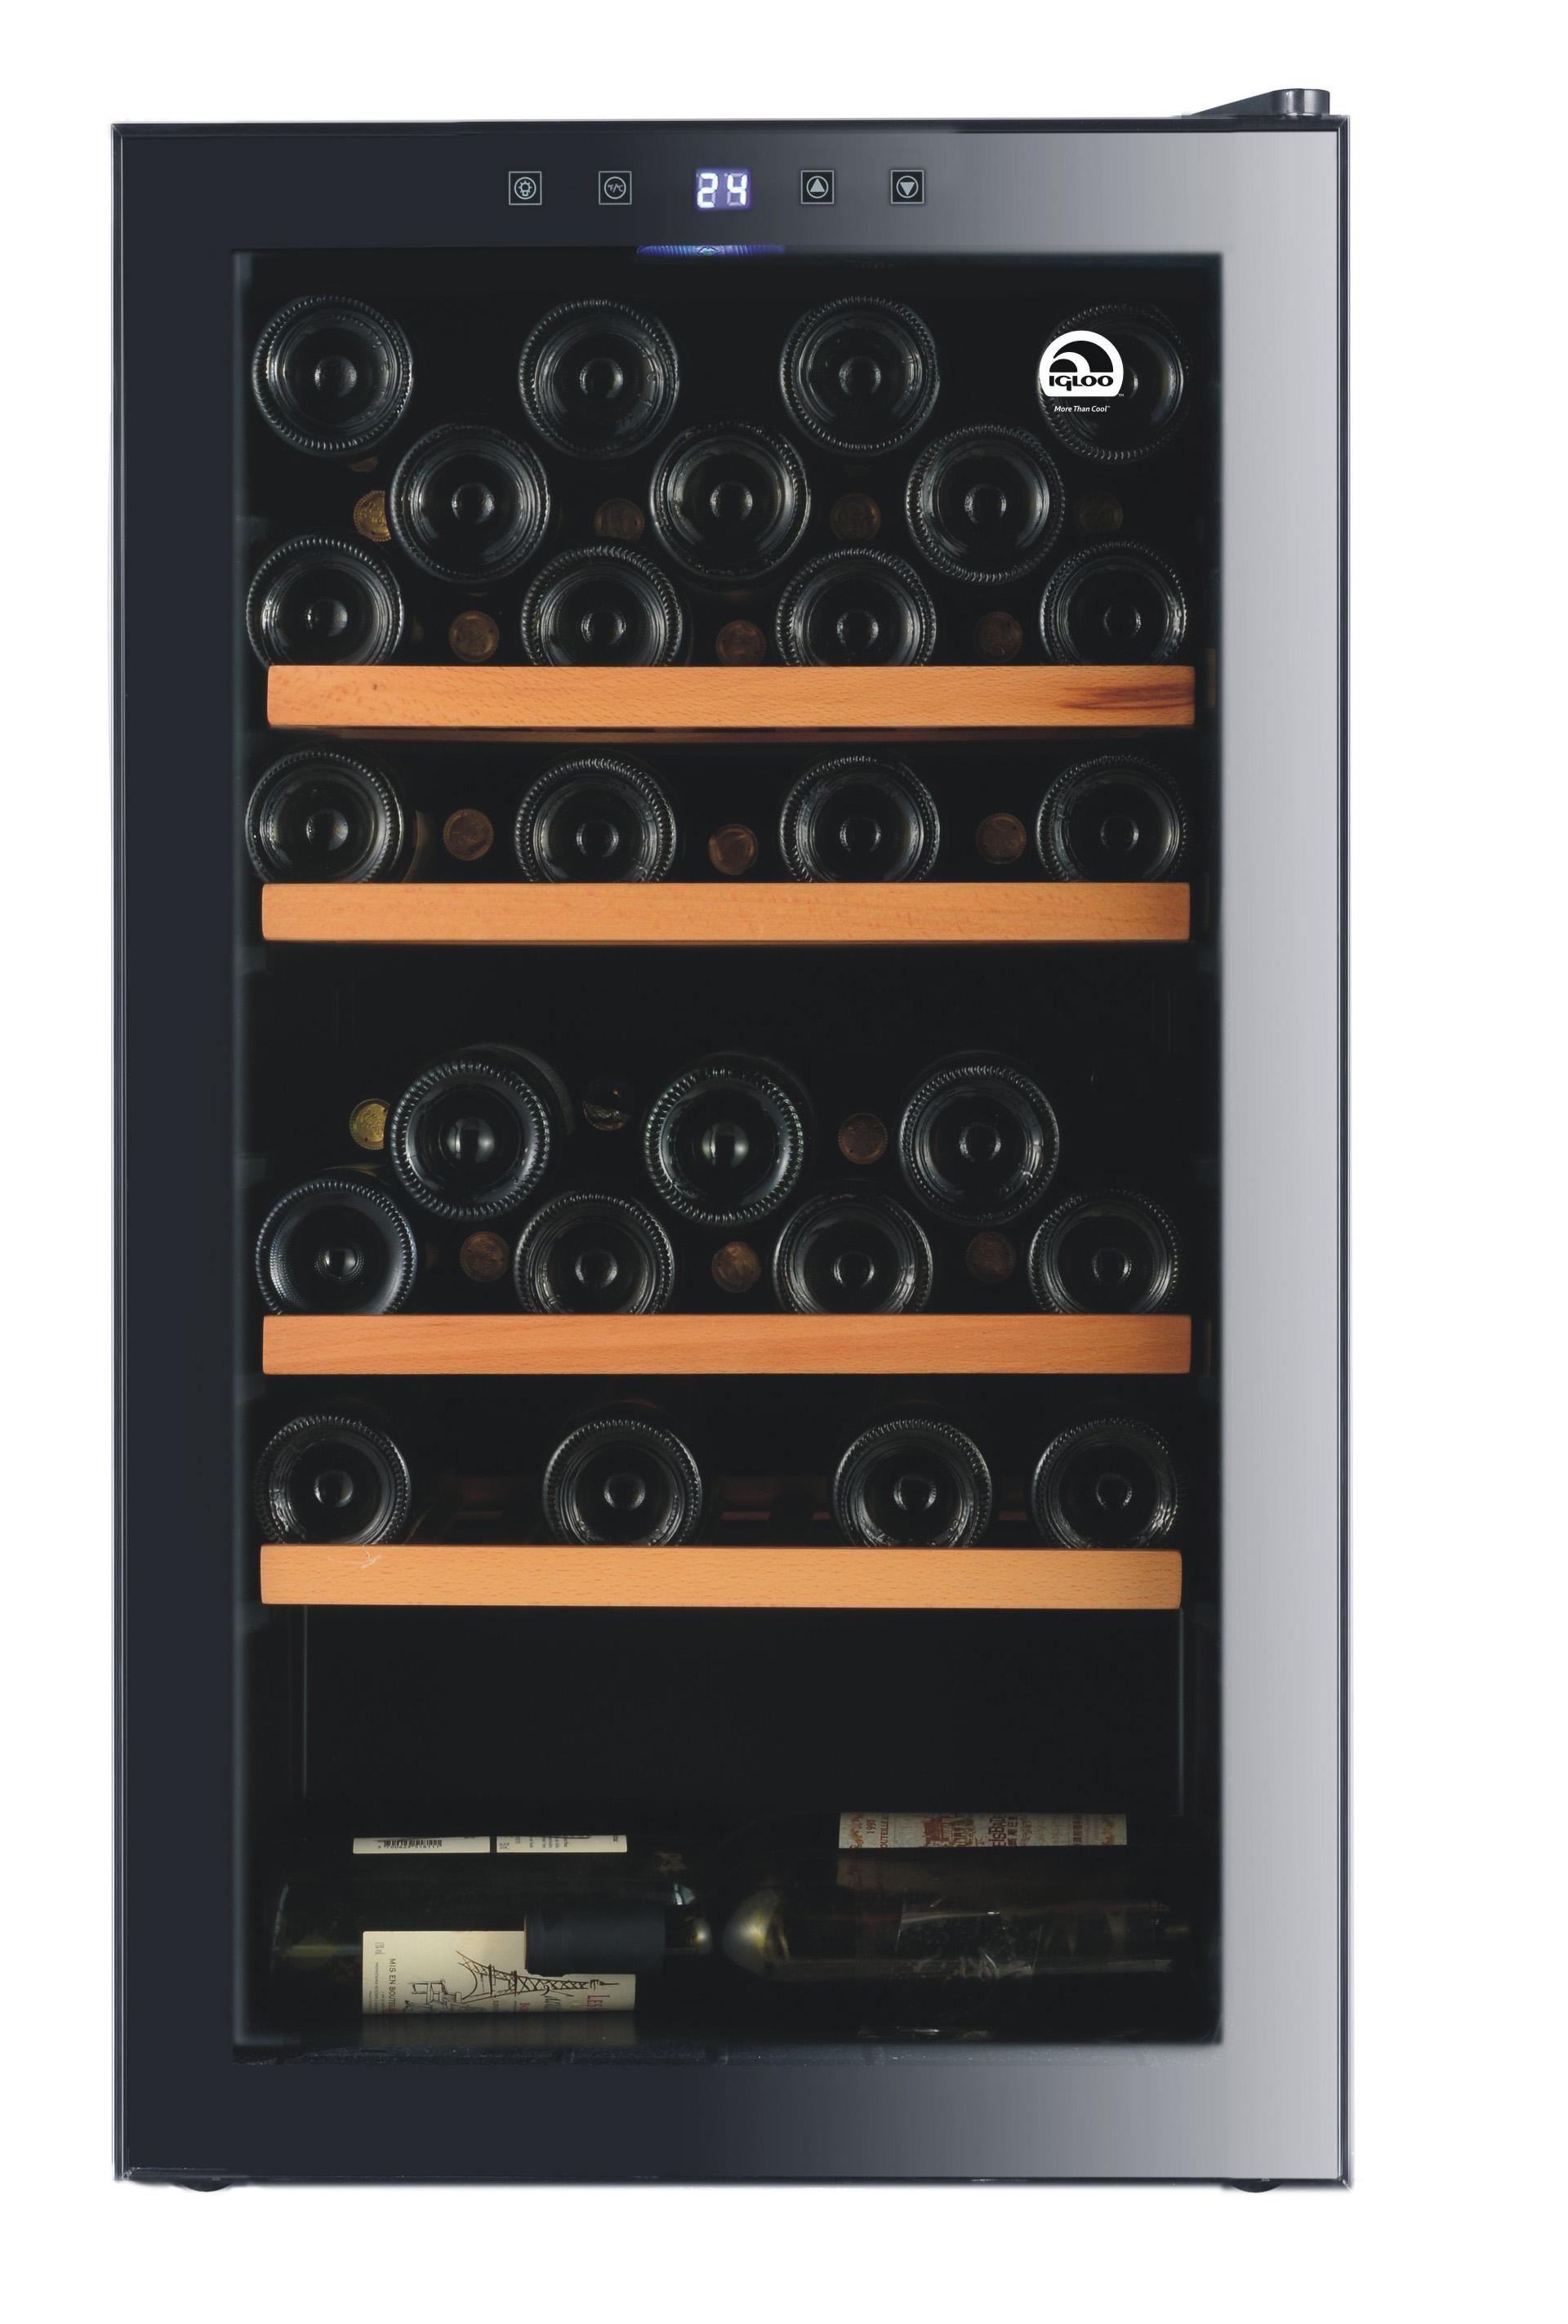 48 COMPRESSOR BOTTLE WINE COOLER